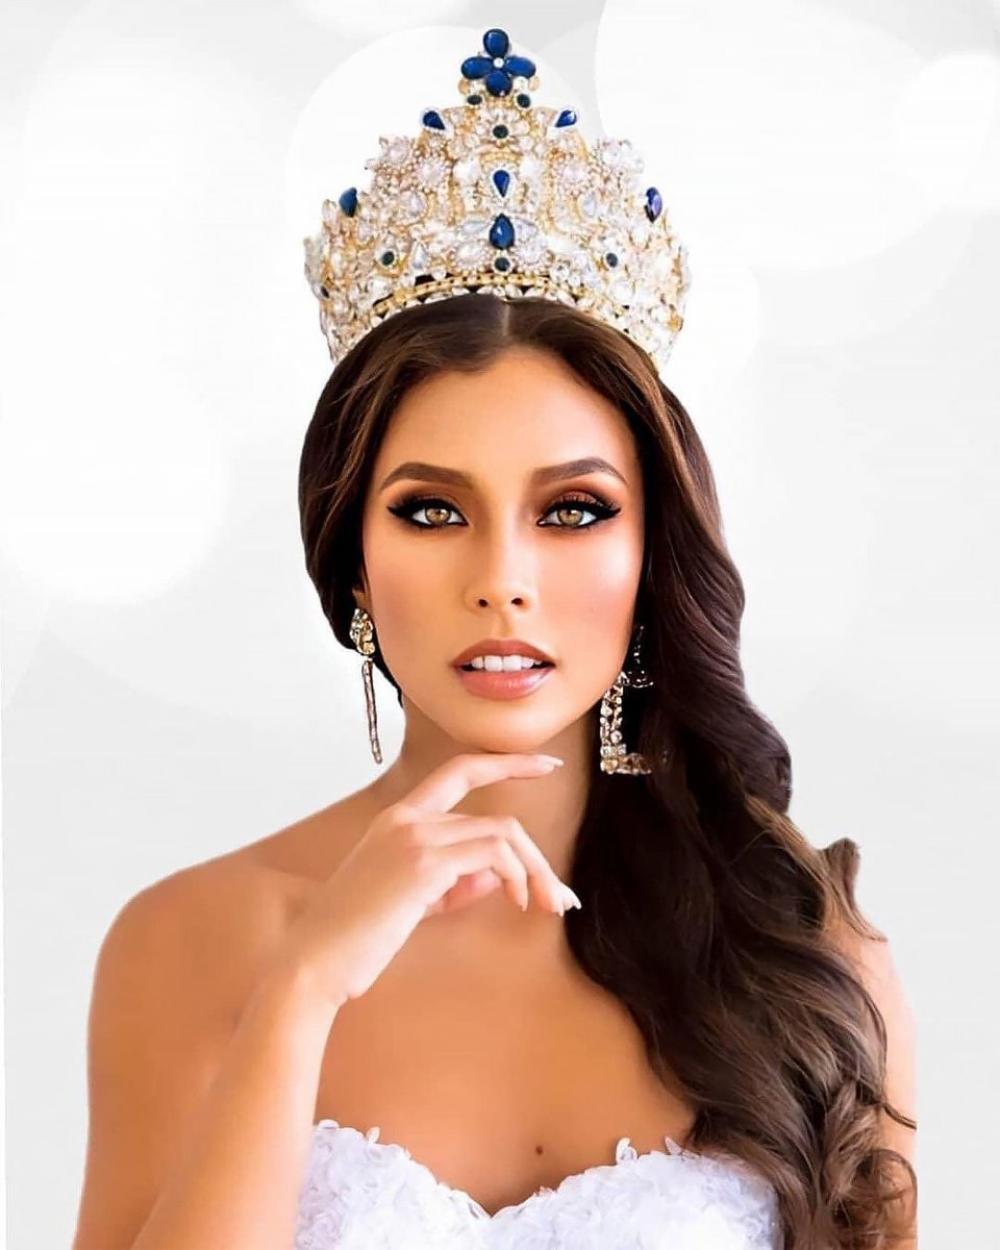 Missosology loại thẳng Khánh Vân ra khỏi Top 20, đưa Philippines Top 5 Miss Universe: Fan phản ứng dữ dội Ảnh 4